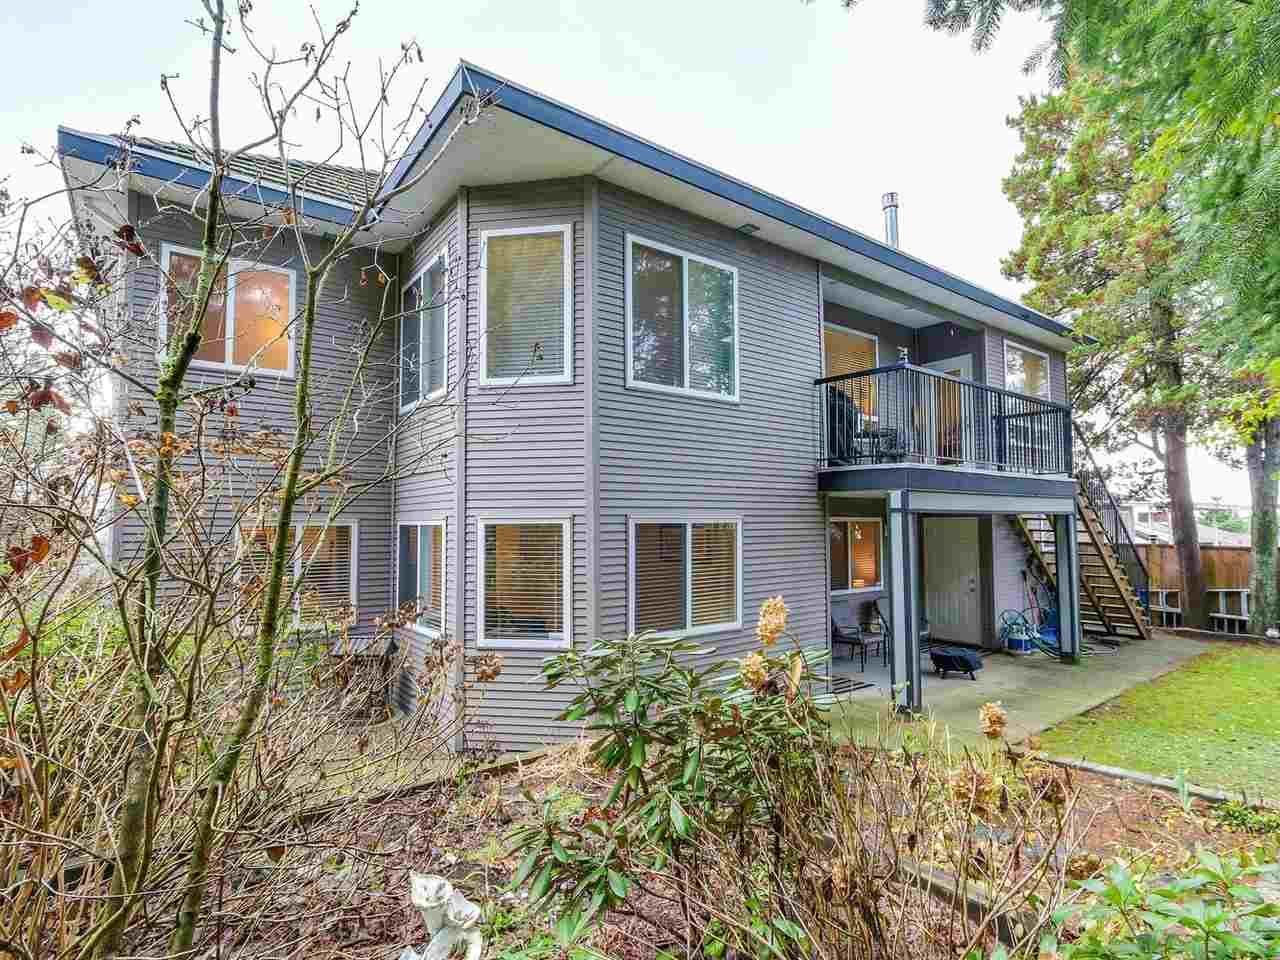 Photo 20: Photos: 725 REGAN Avenue in Coquitlam: Coquitlam West House for sale : MLS®# R2226266